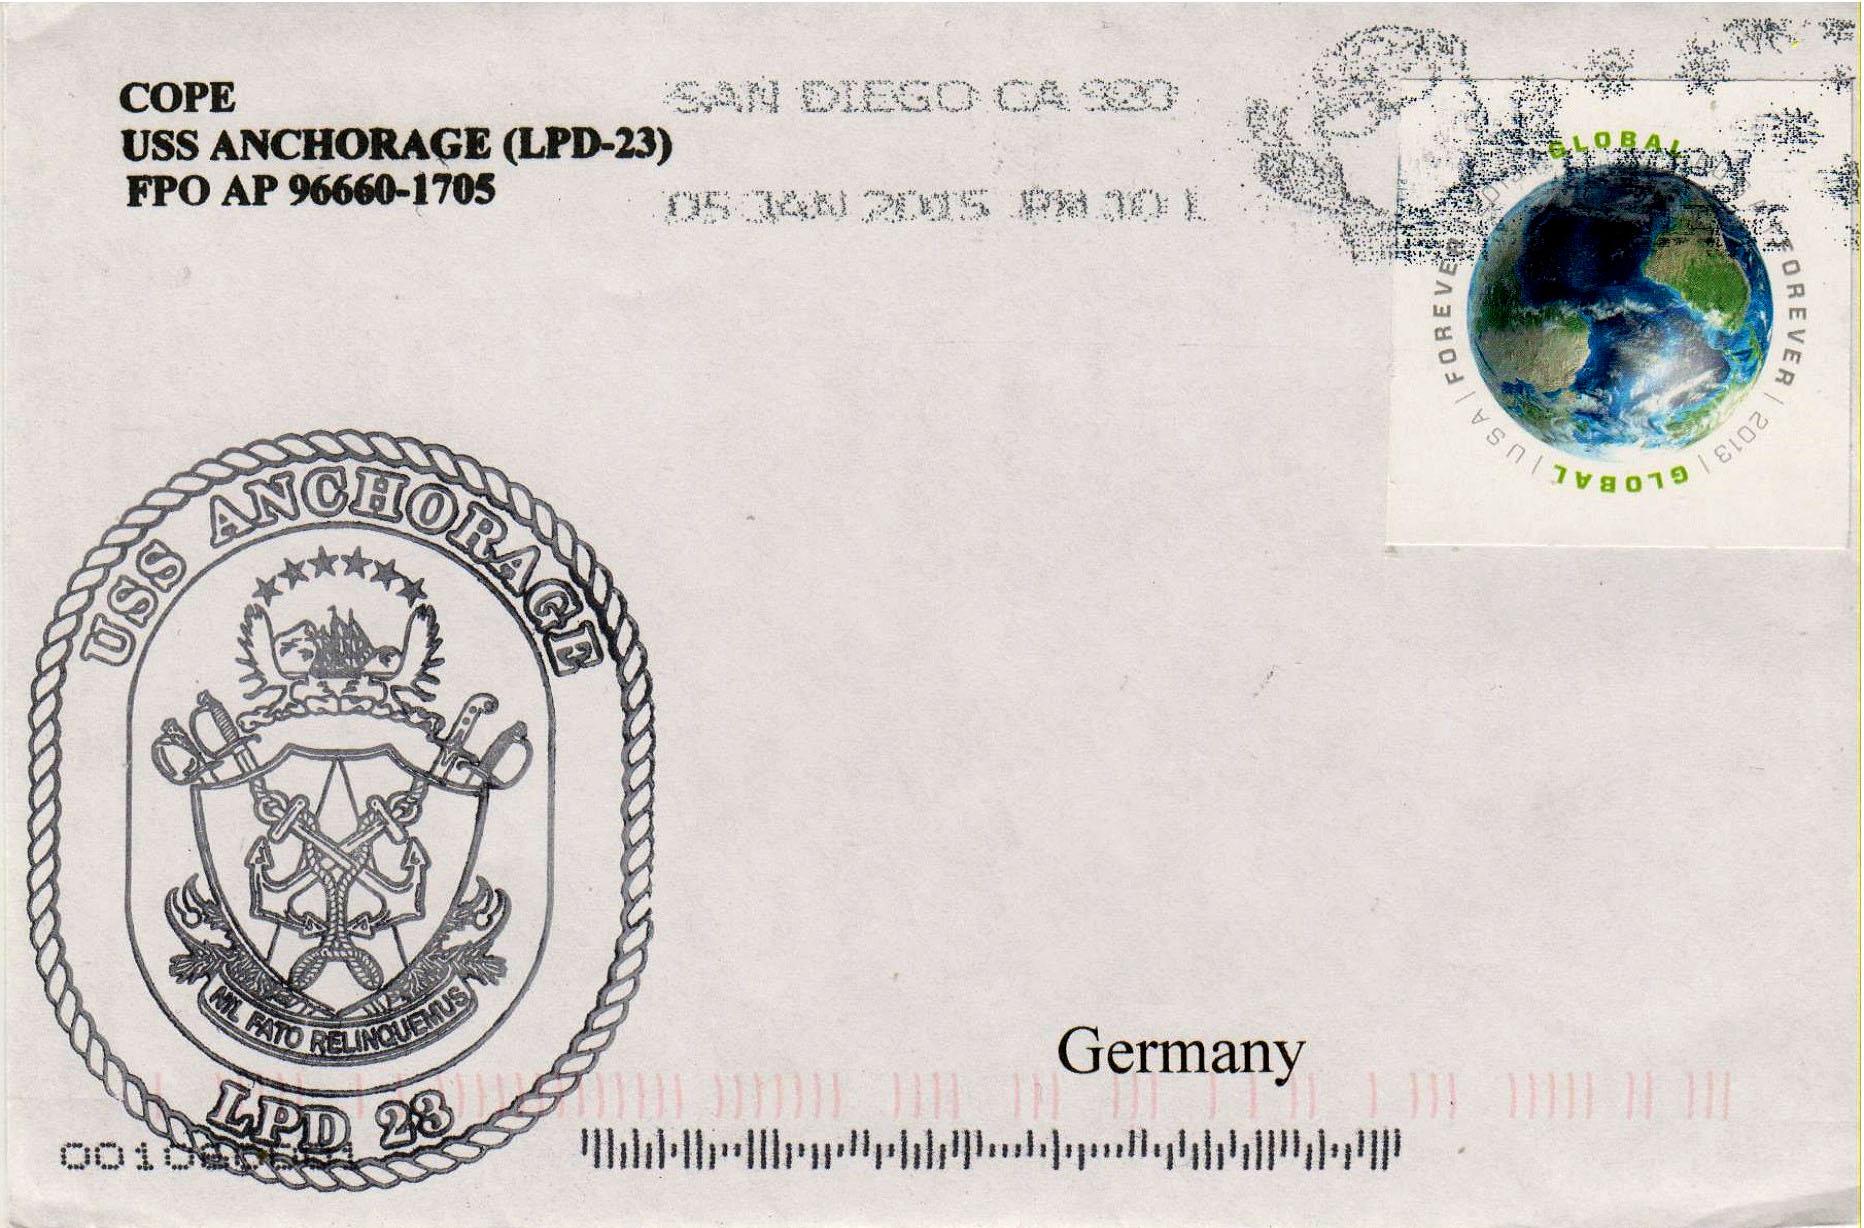 Beleg USS ANCHORAGE LPD-23 vom 05.01.2015 von Heinz Greger